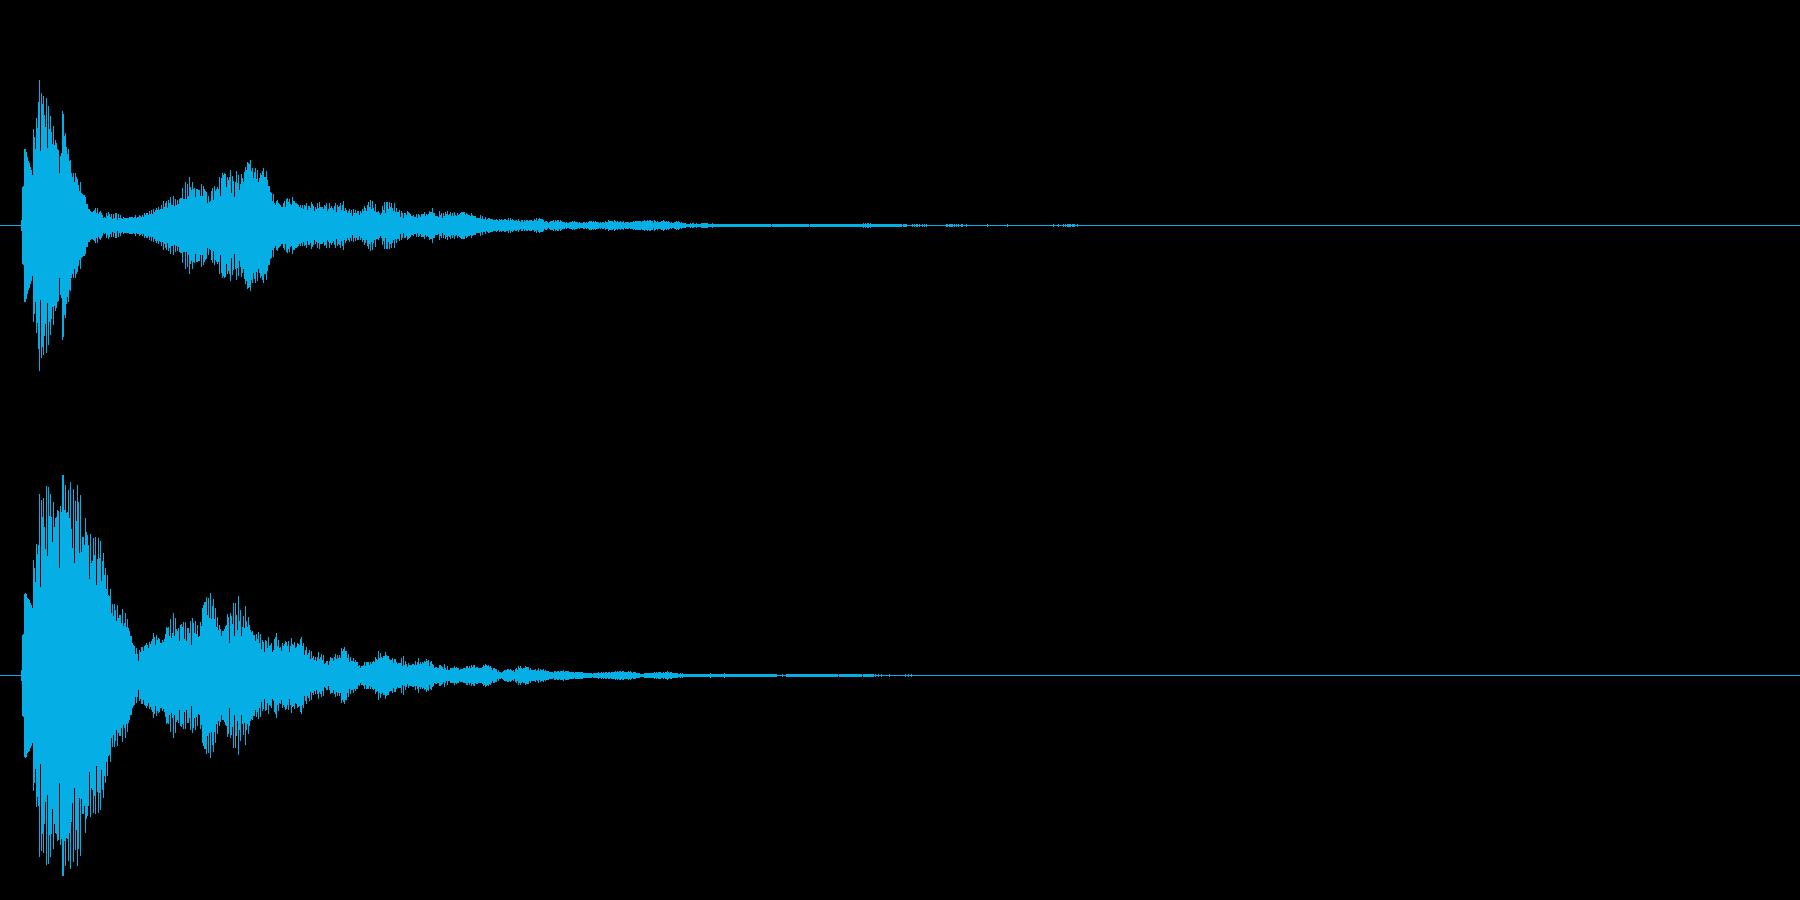 チュピン、ポワン、発見、アイテムゲットの再生済みの波形